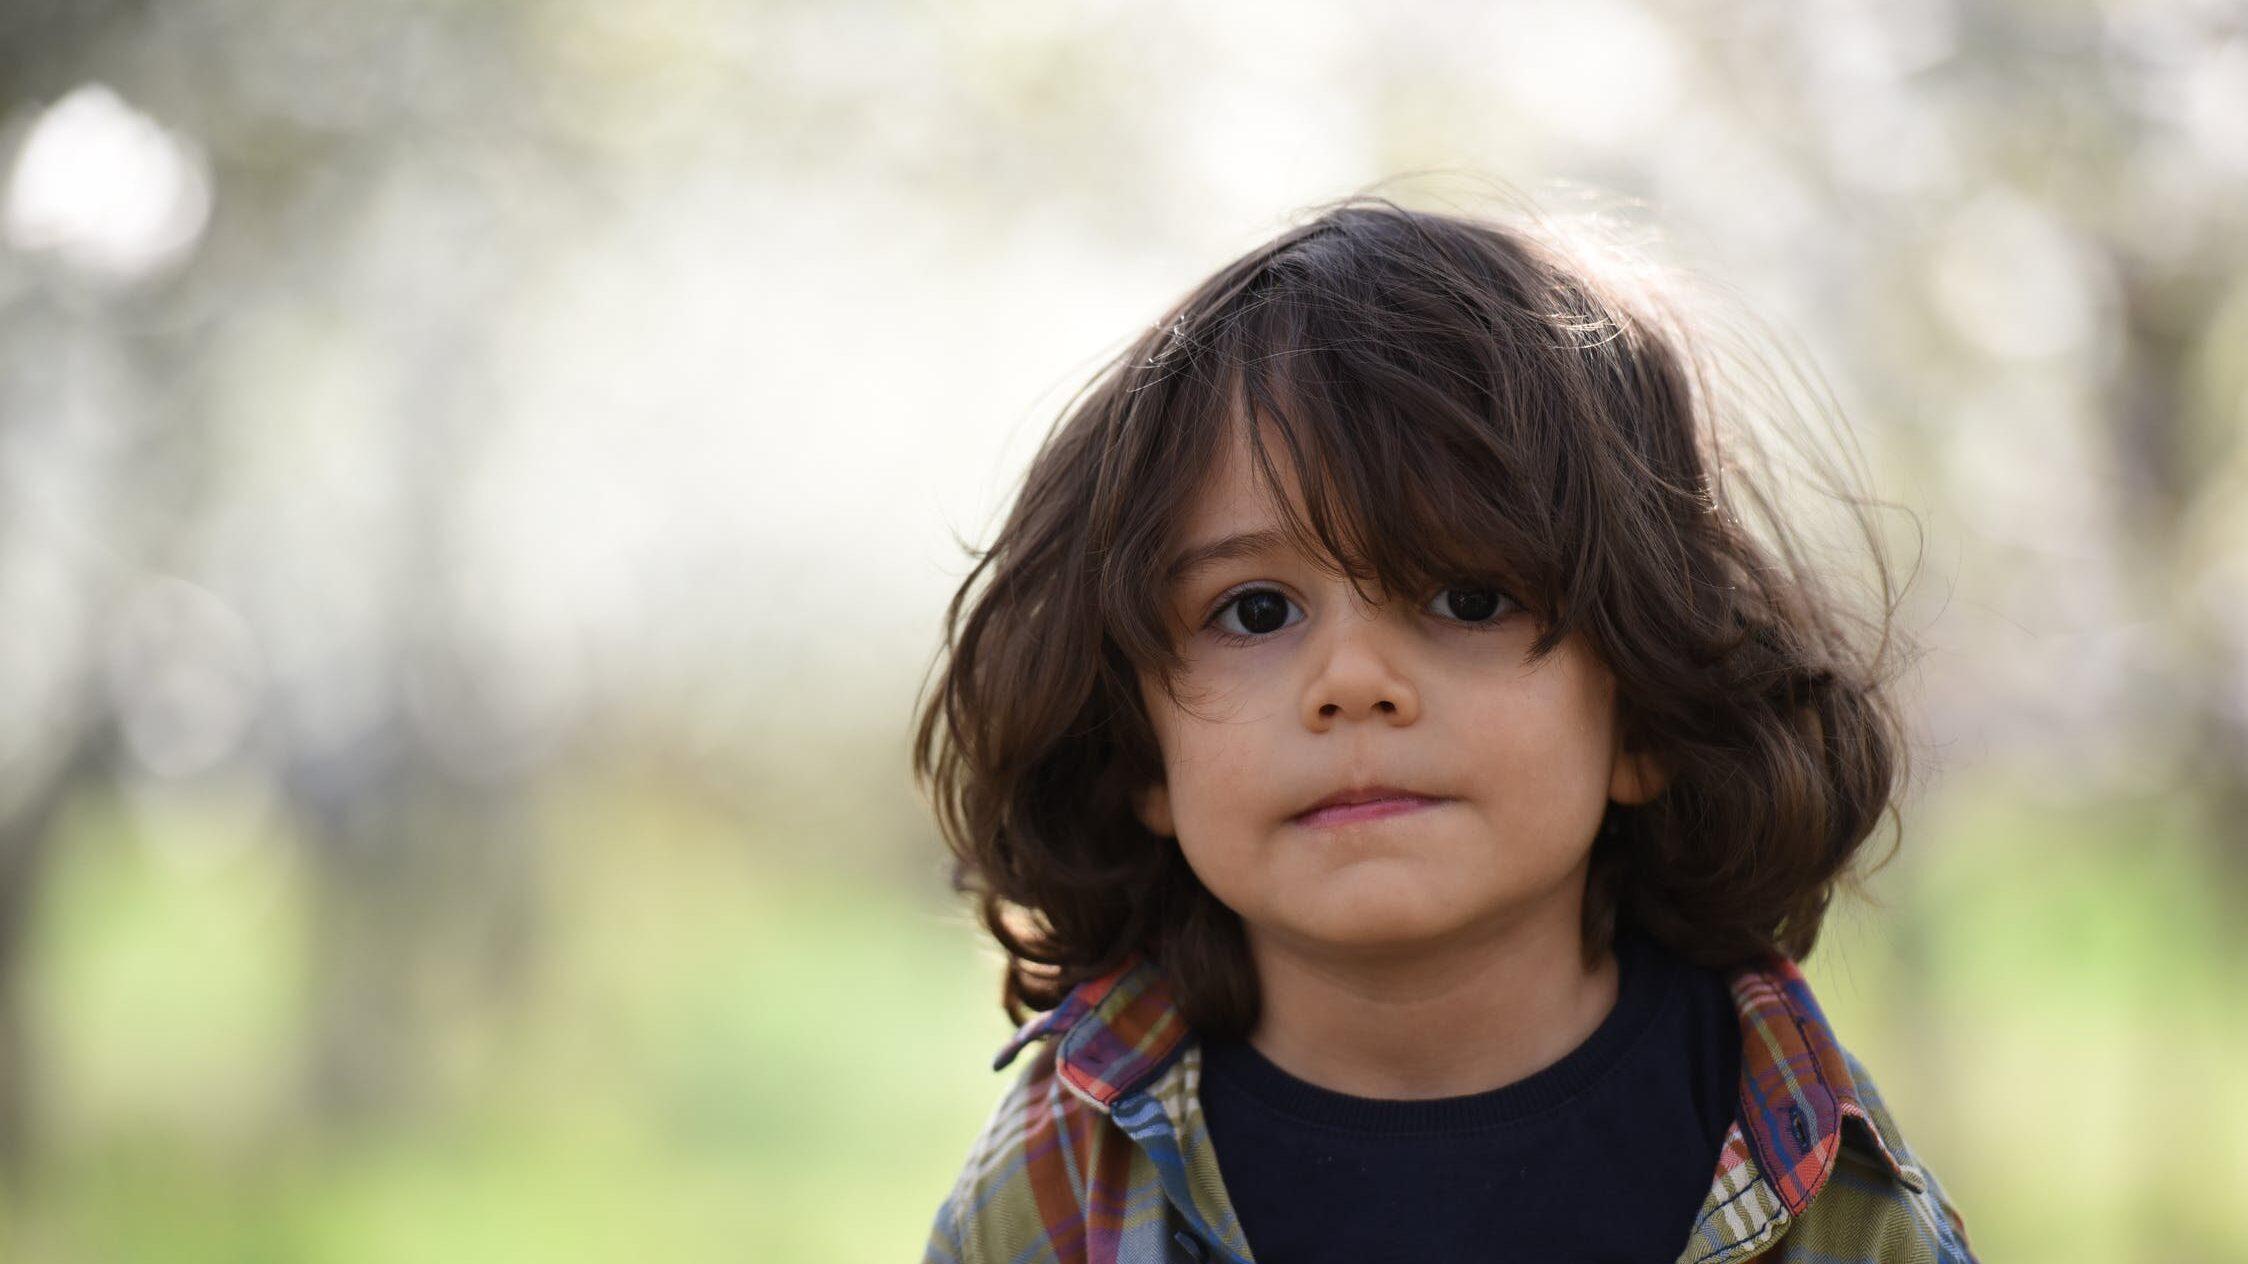 吃音やどもる幼児や子どもの原因はストレス?治し方は?のイメージ画像4